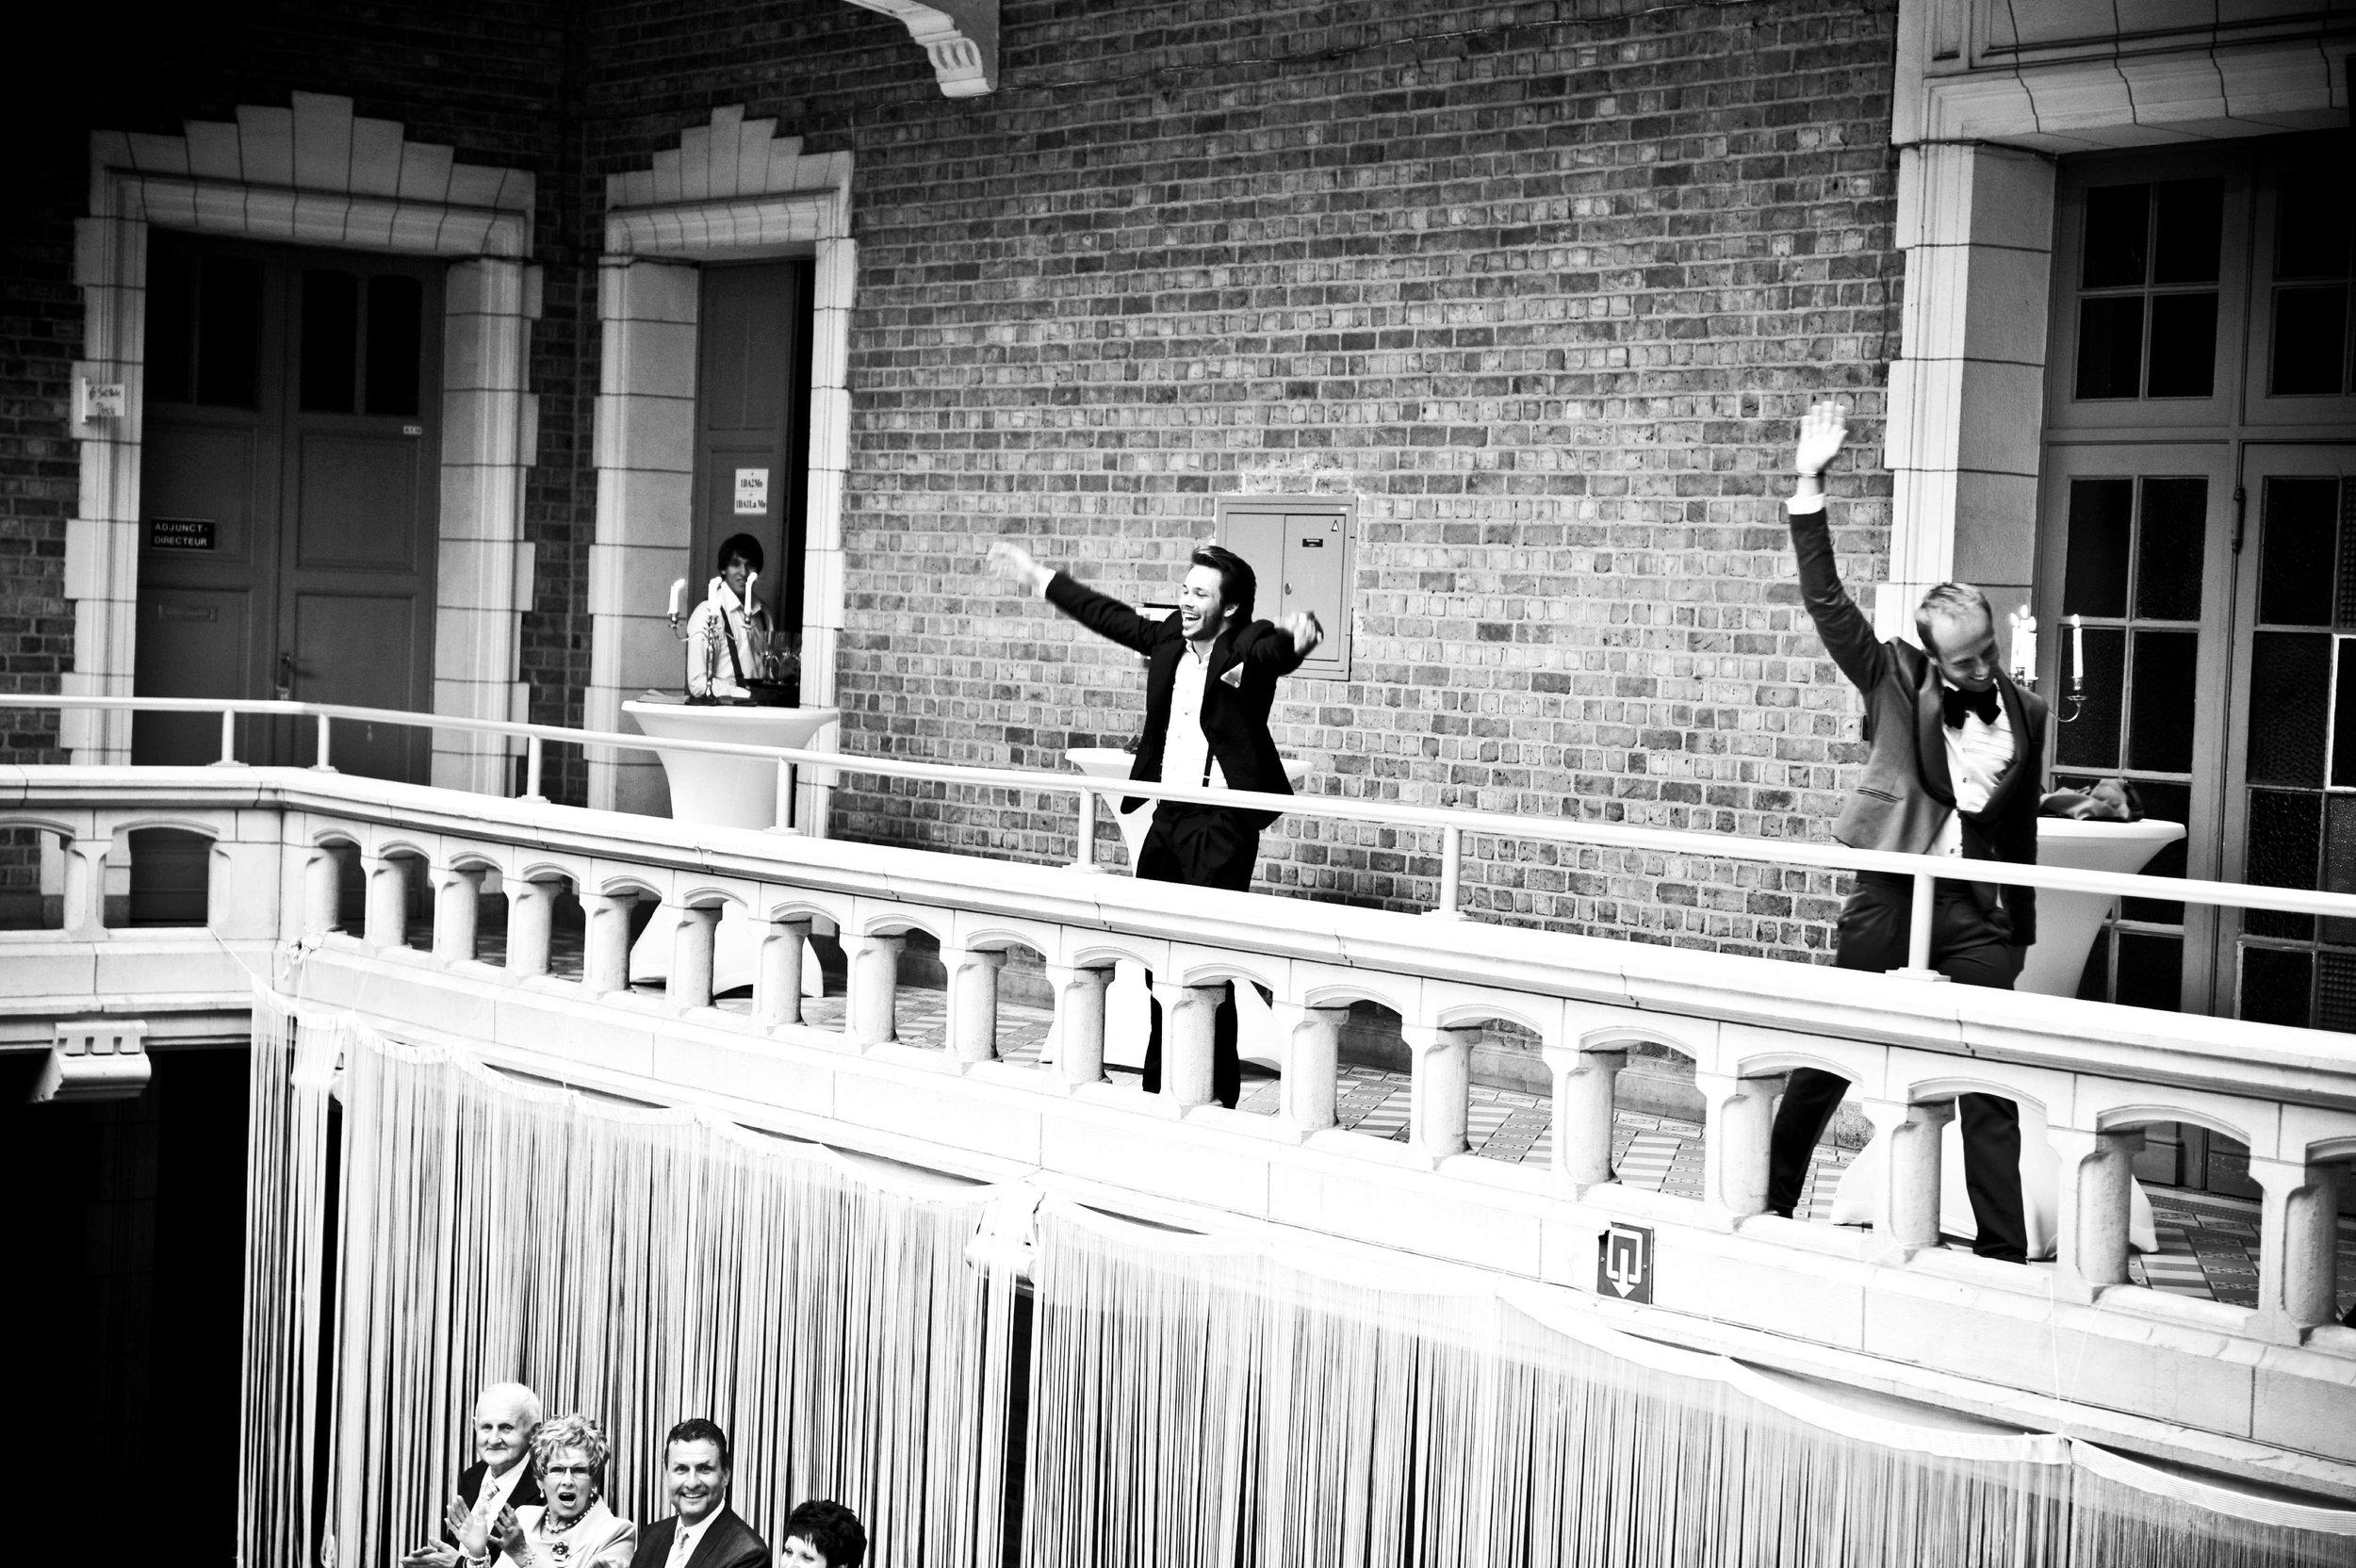 Bart Albrecht fotograaf photographer belgium belgie anbtwerpen antwerp wedding huwelijk huwelijksfotograaf trouwfotograaf trouw bruid bruidegom trouwkleed ceremonie weddingdress topphotographer topfotograaf beste best top 10 192.jpg